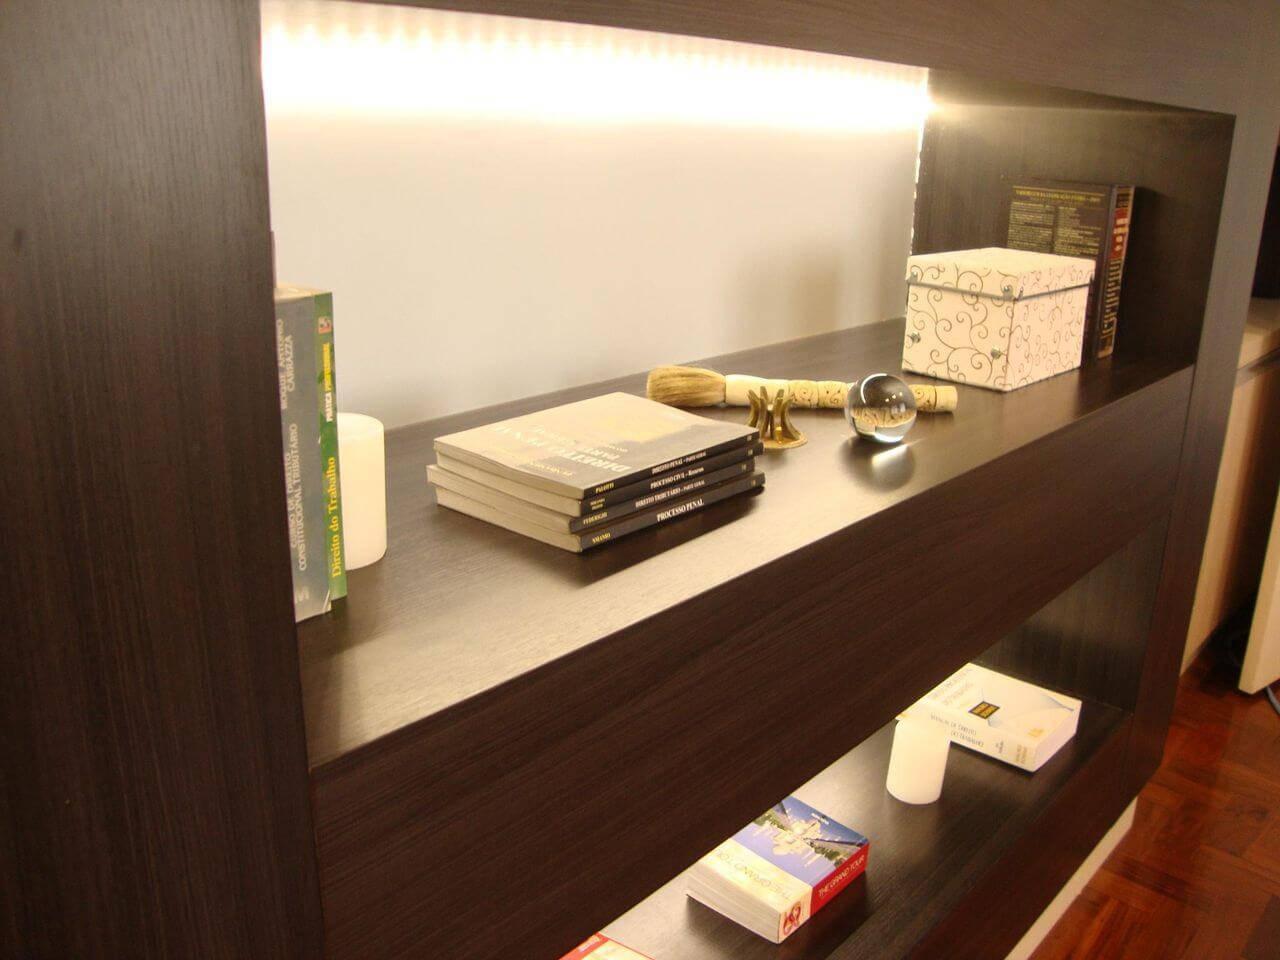 caixa organizadora prateleira home office madi arquitetura 35976